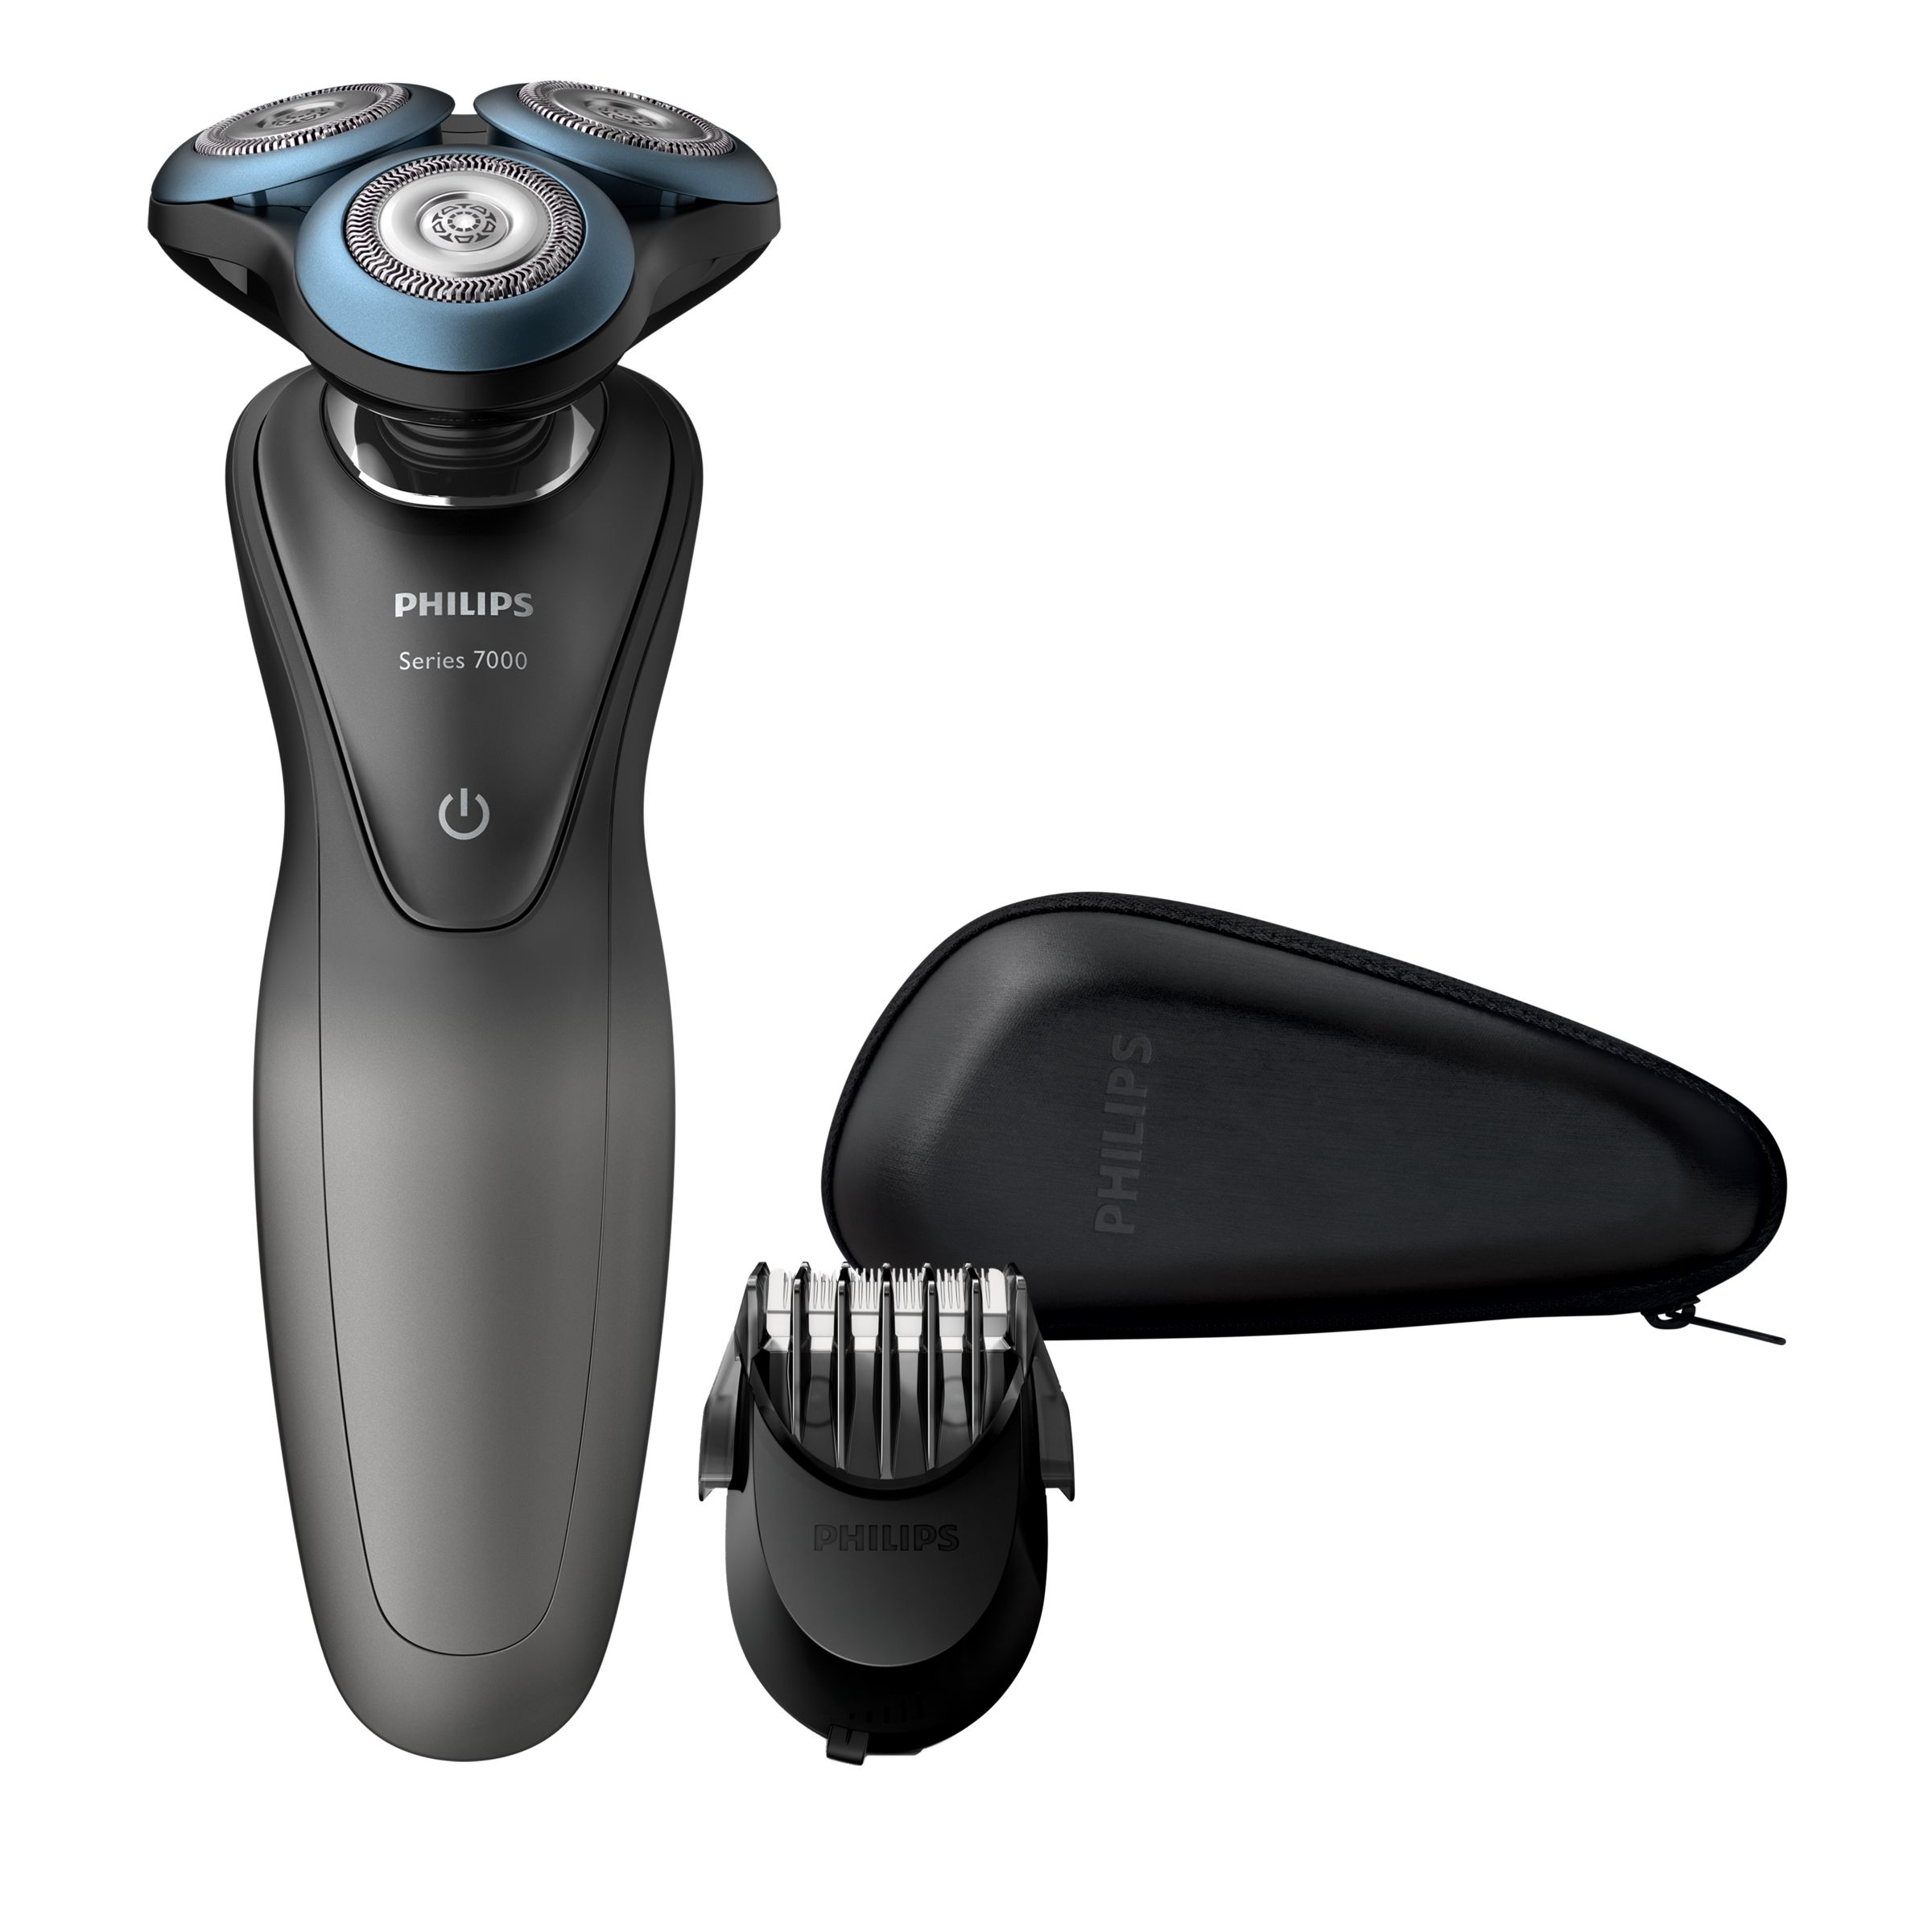 PHILIPS - Máq. Barbear S7960/17